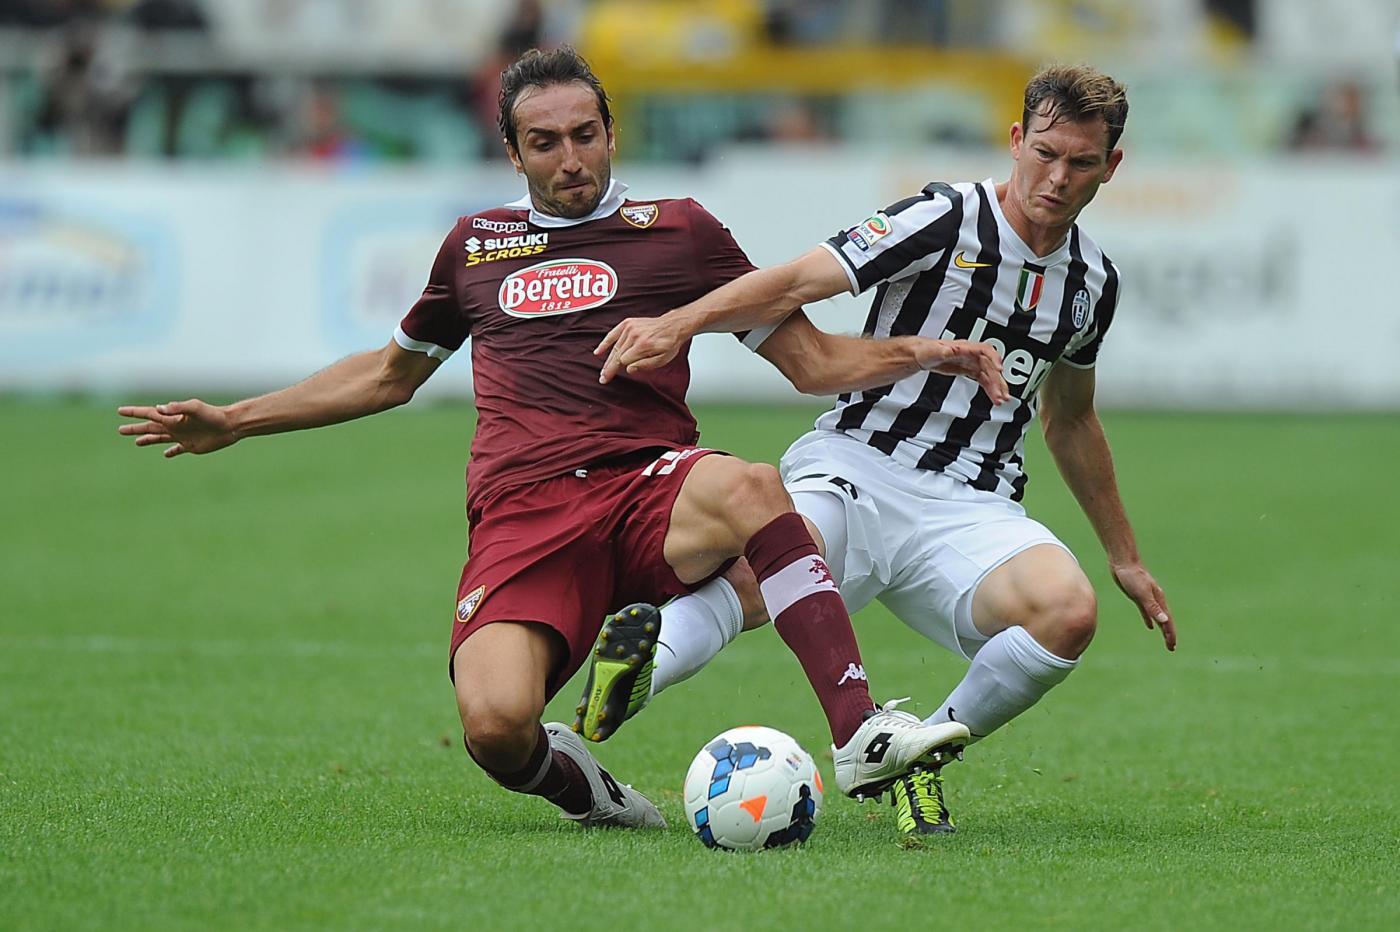 Serie A 32 giornata probabili formazioni fantacalcio scomesse